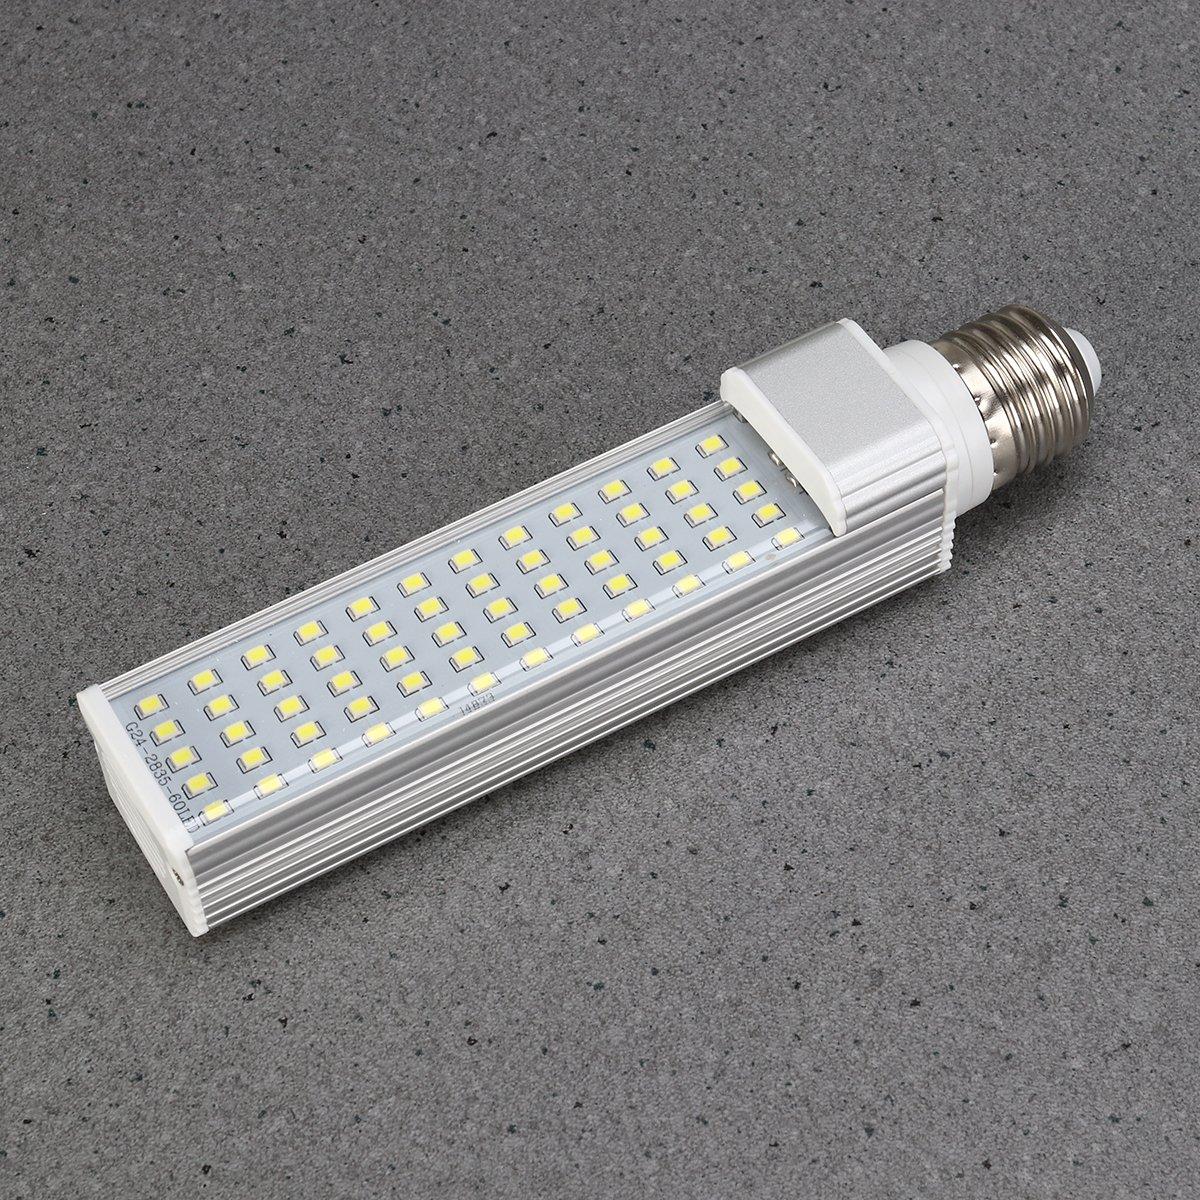 Amazon.com : UEETEK Aquarium Light, 52LEDs 800-950 Lumens 11W E27 LED Energy Saving Lamp Light for Fish Pod/Fish Tanks/Aquariums (White) : Pet Supplies